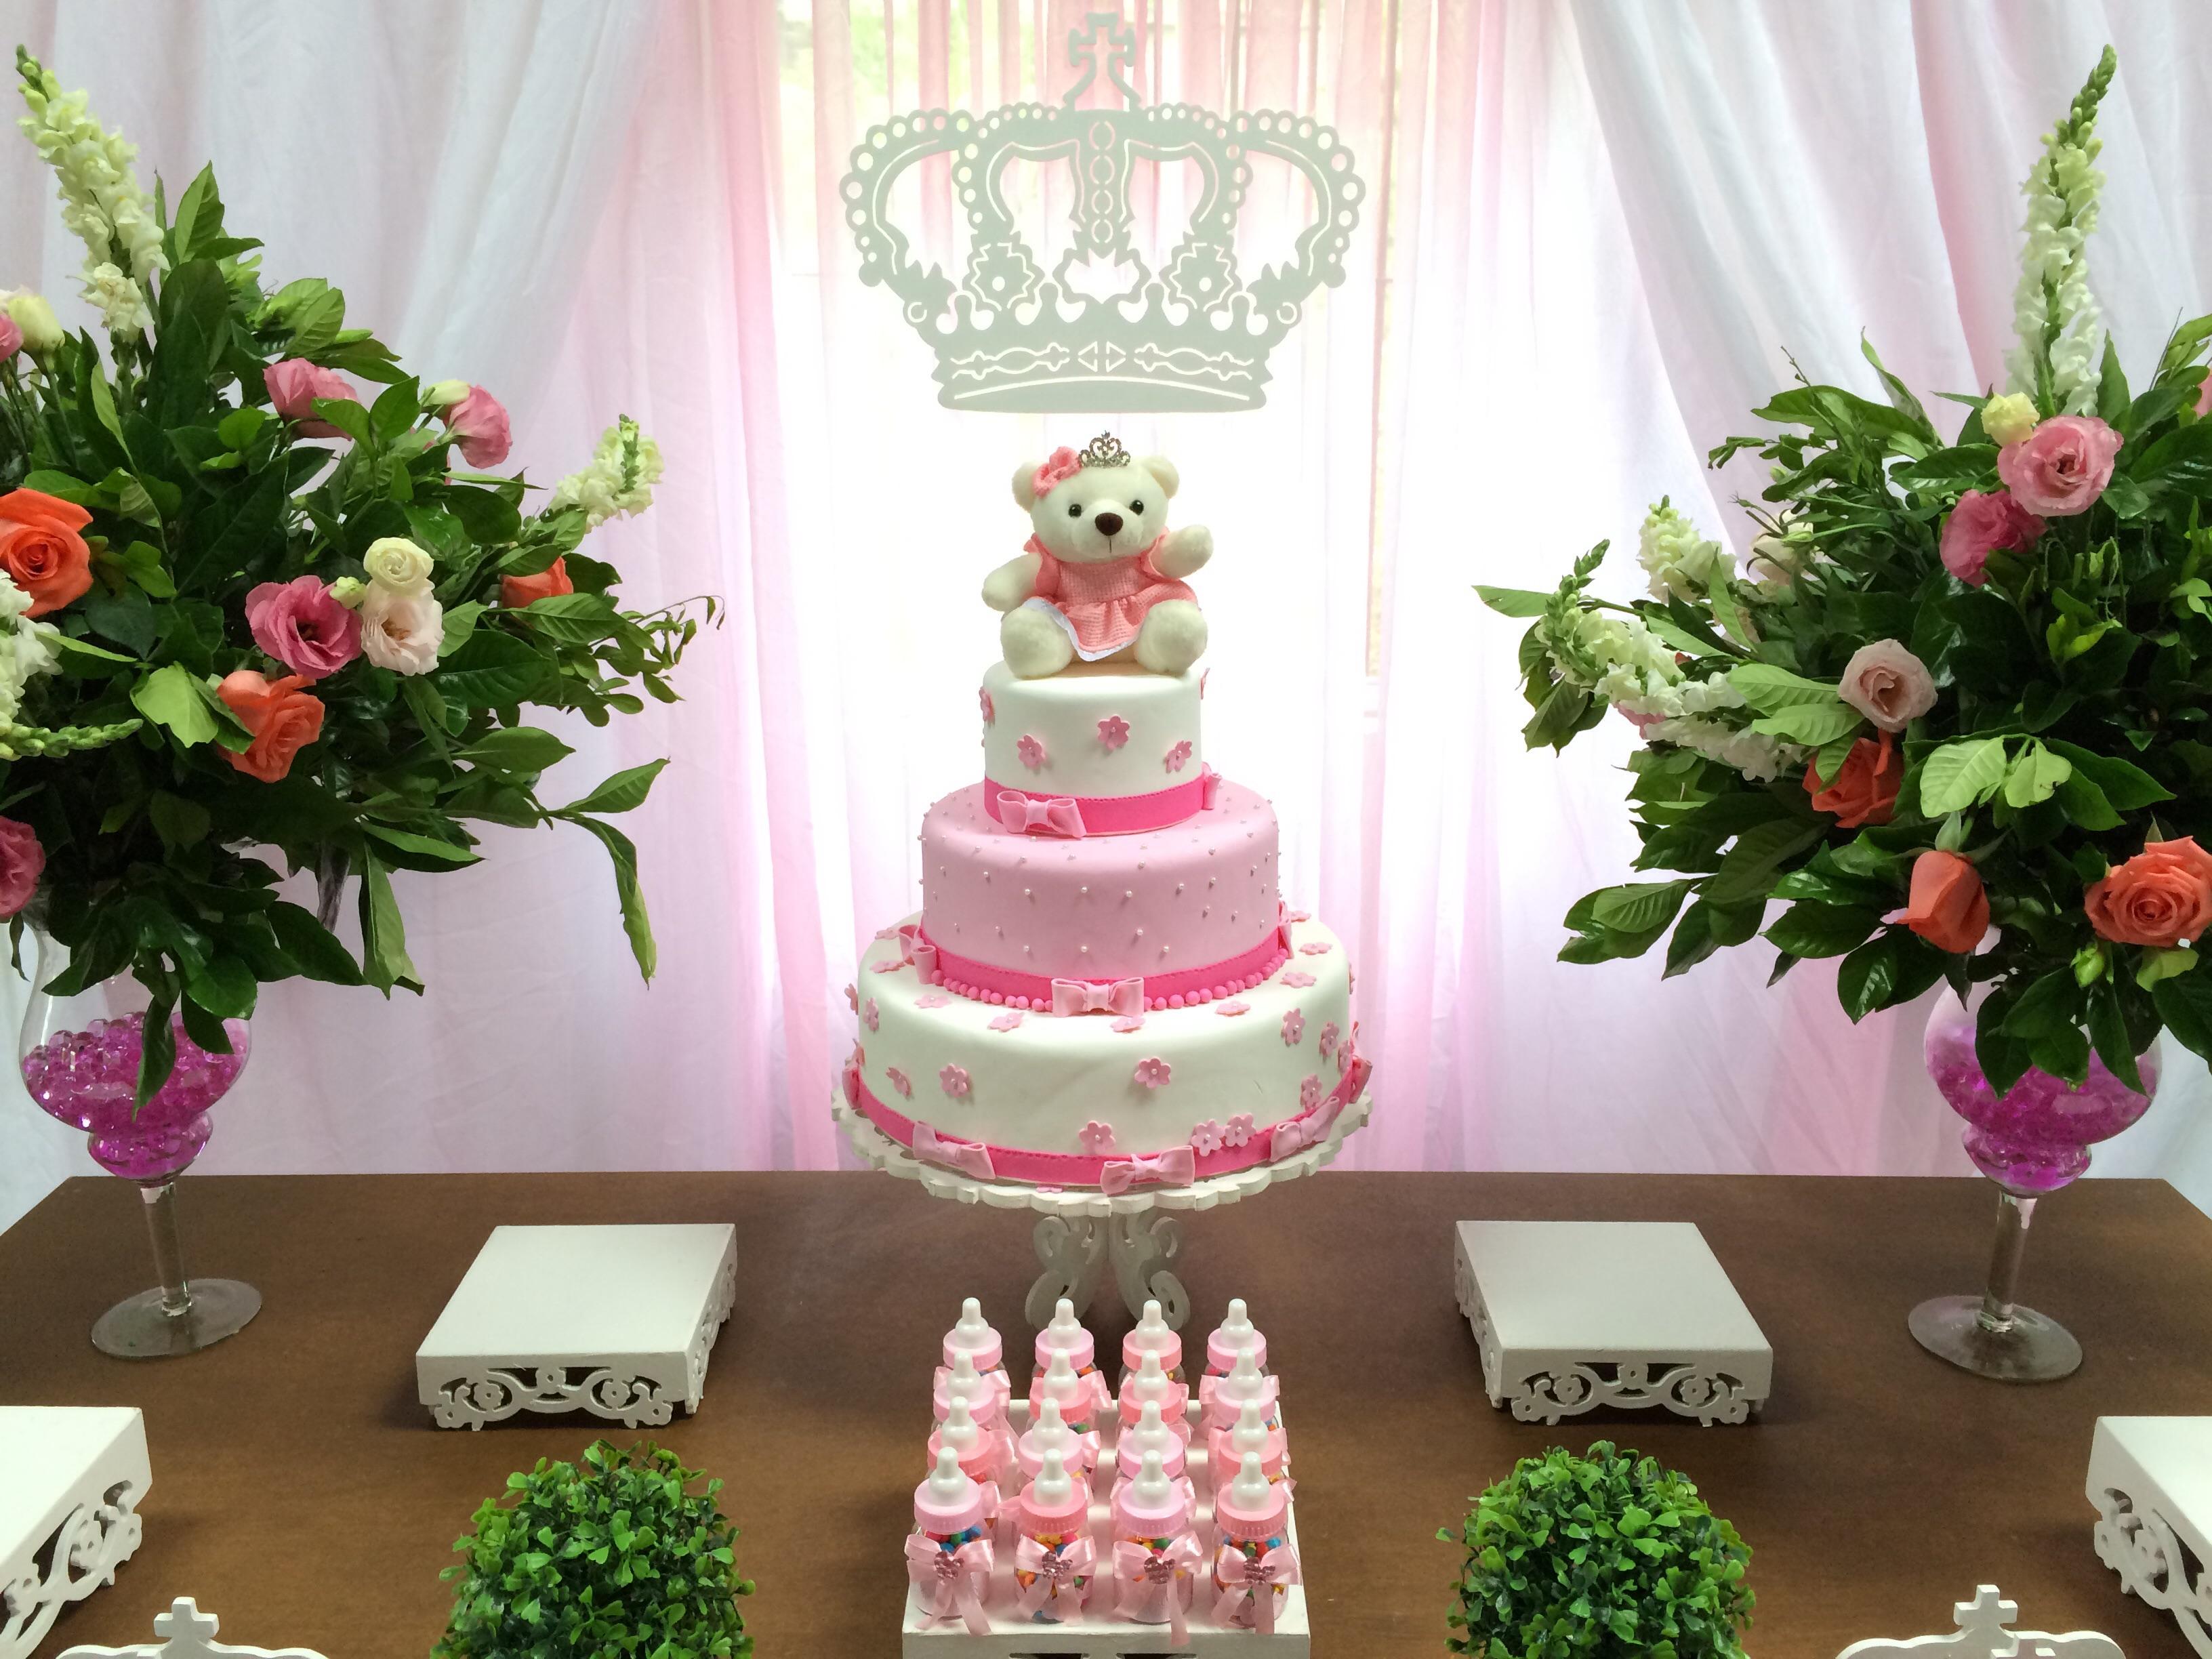 Princesa Realeza Clean Rústica Winie Festas Decorações Elo7 -> Decoração De Festa Infantil Realeza